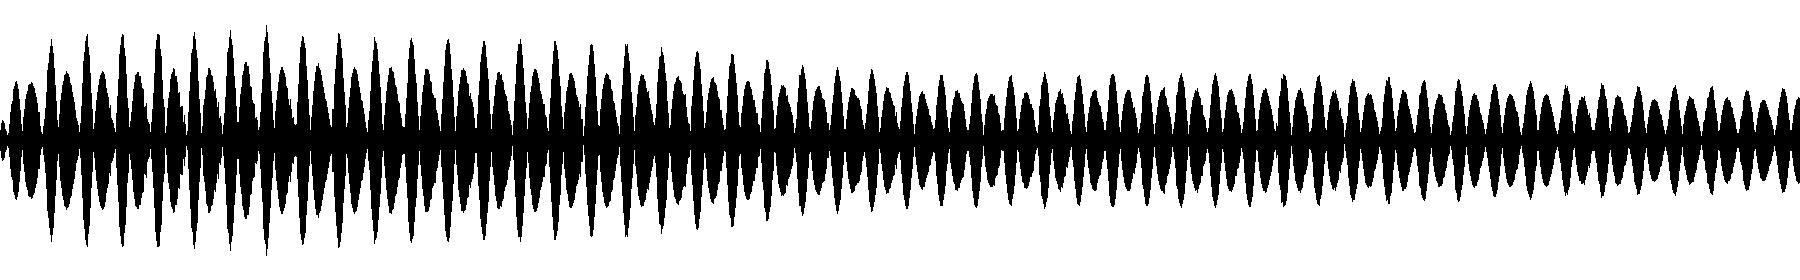 gia sound 16 d3